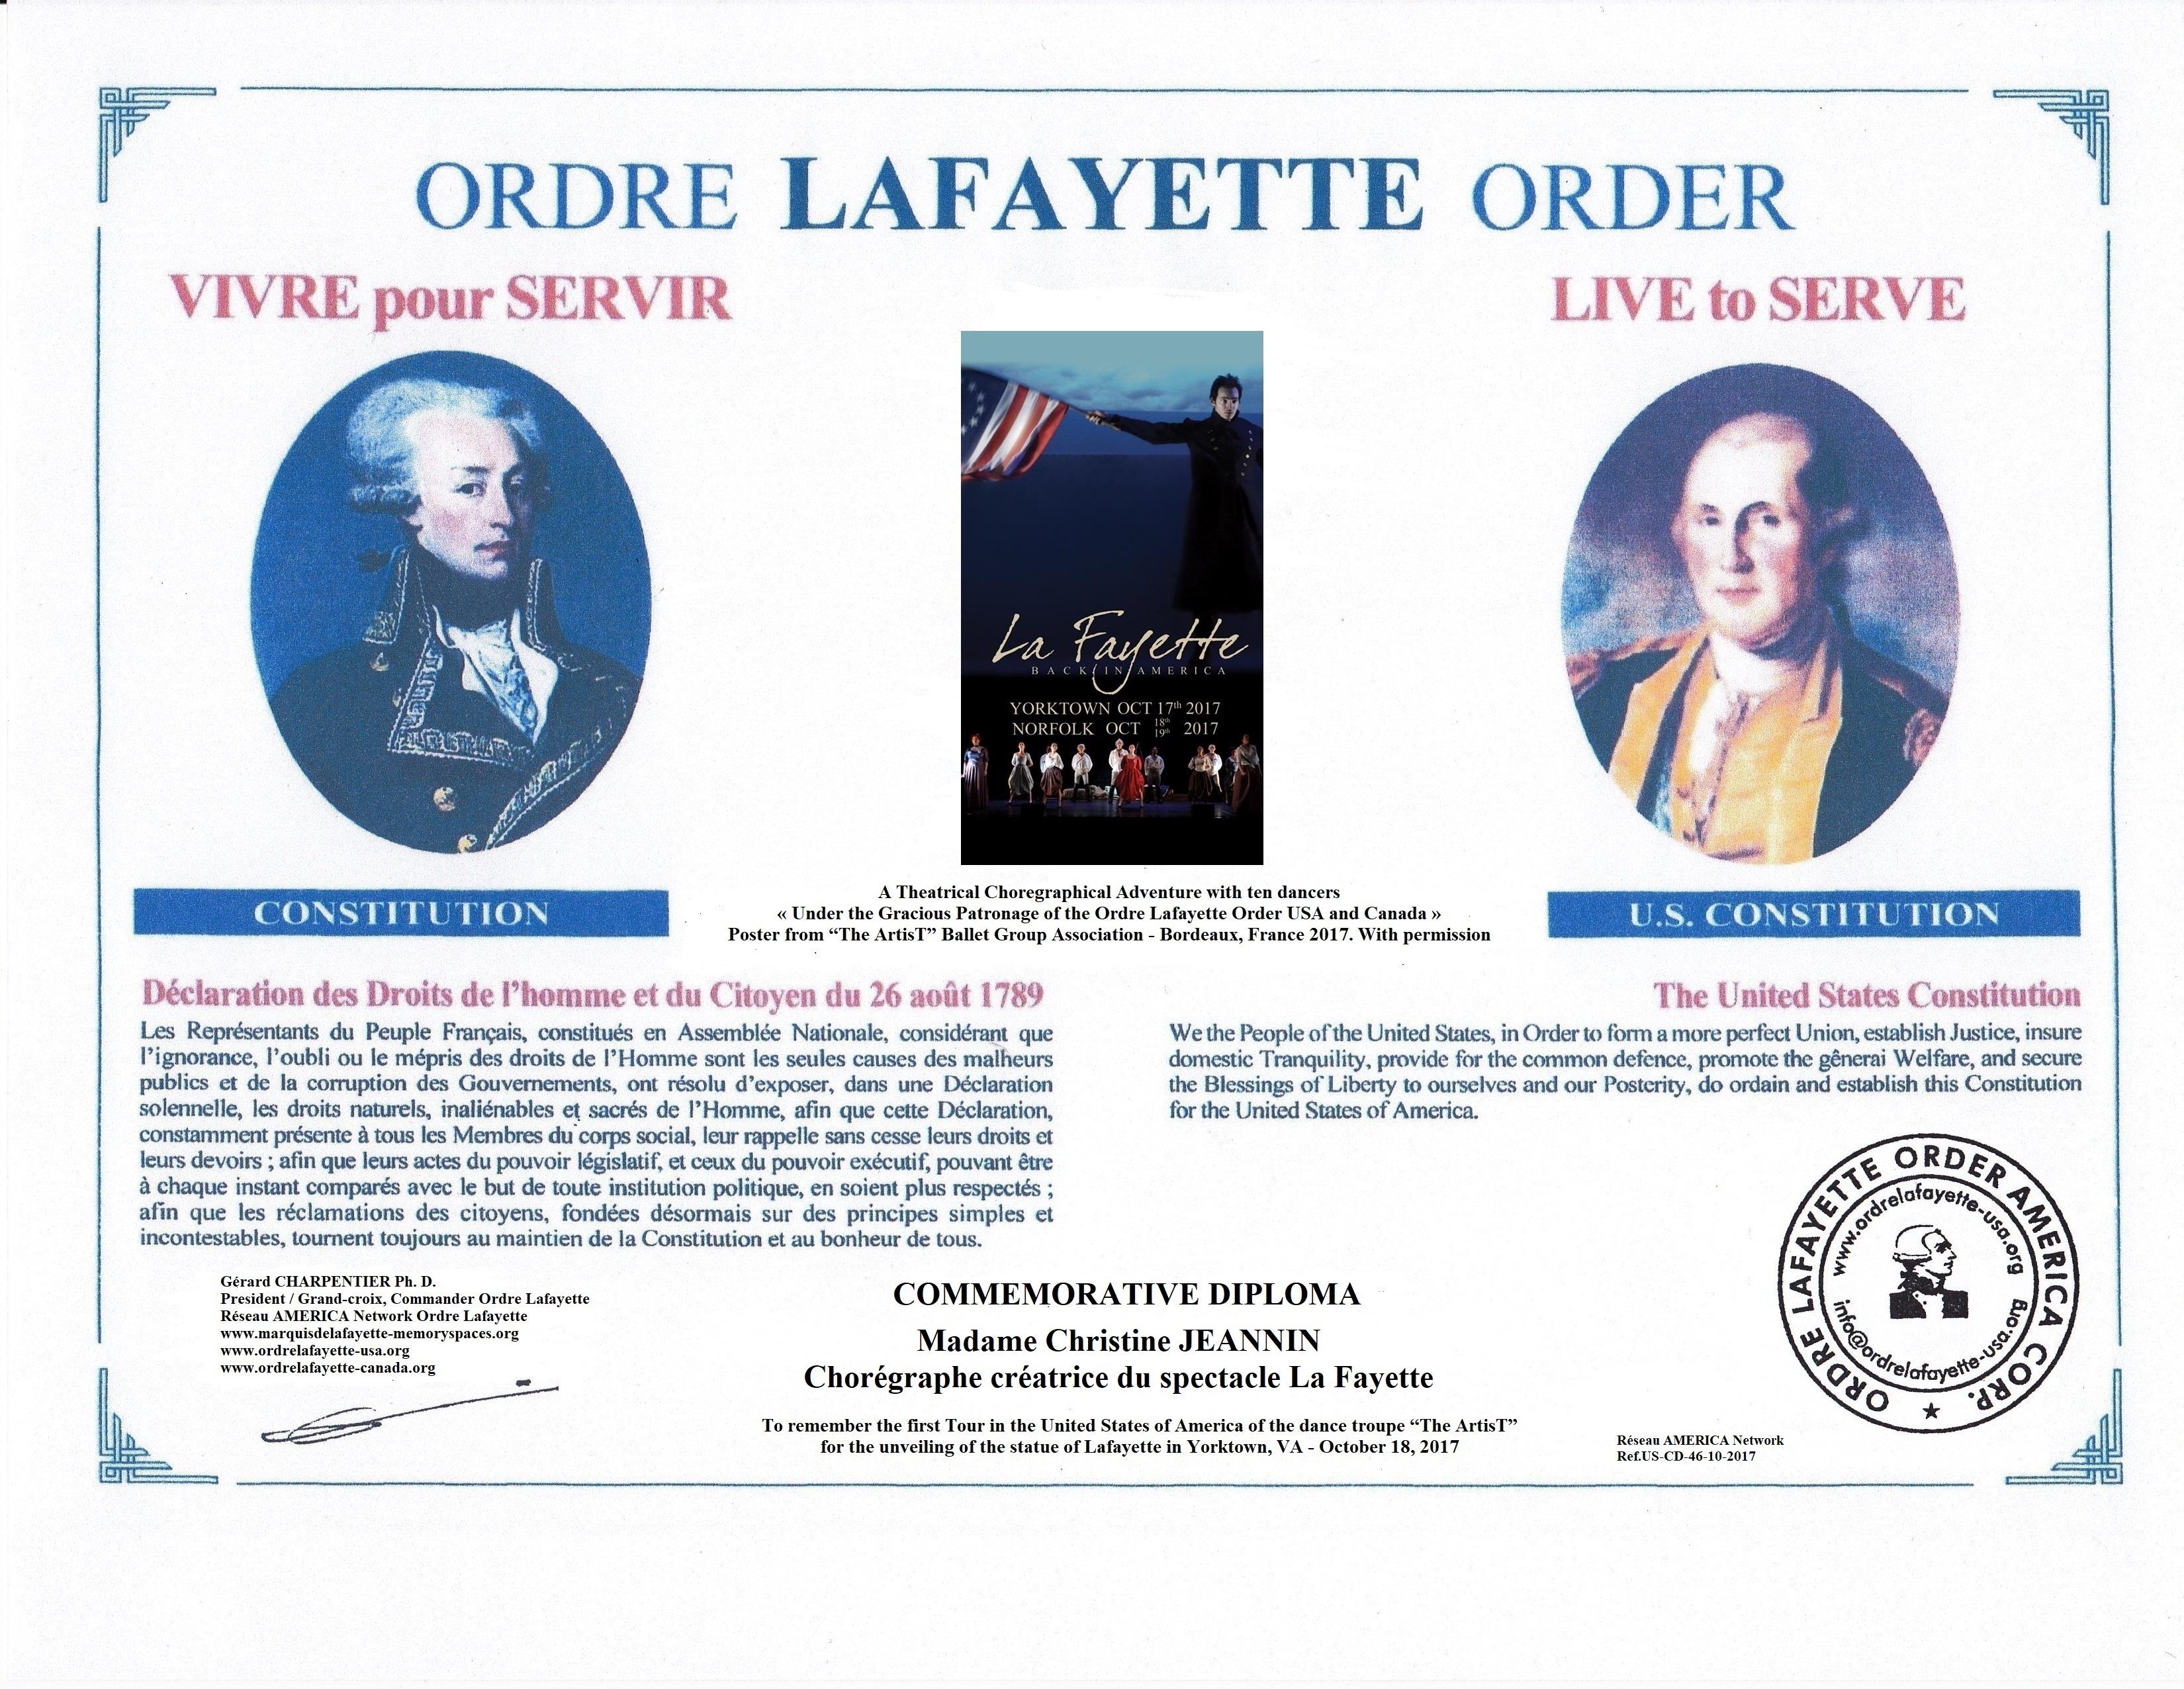 OL.USA- A15CJ-  Commemo. Diploma La Fayette Ballet 10-2017